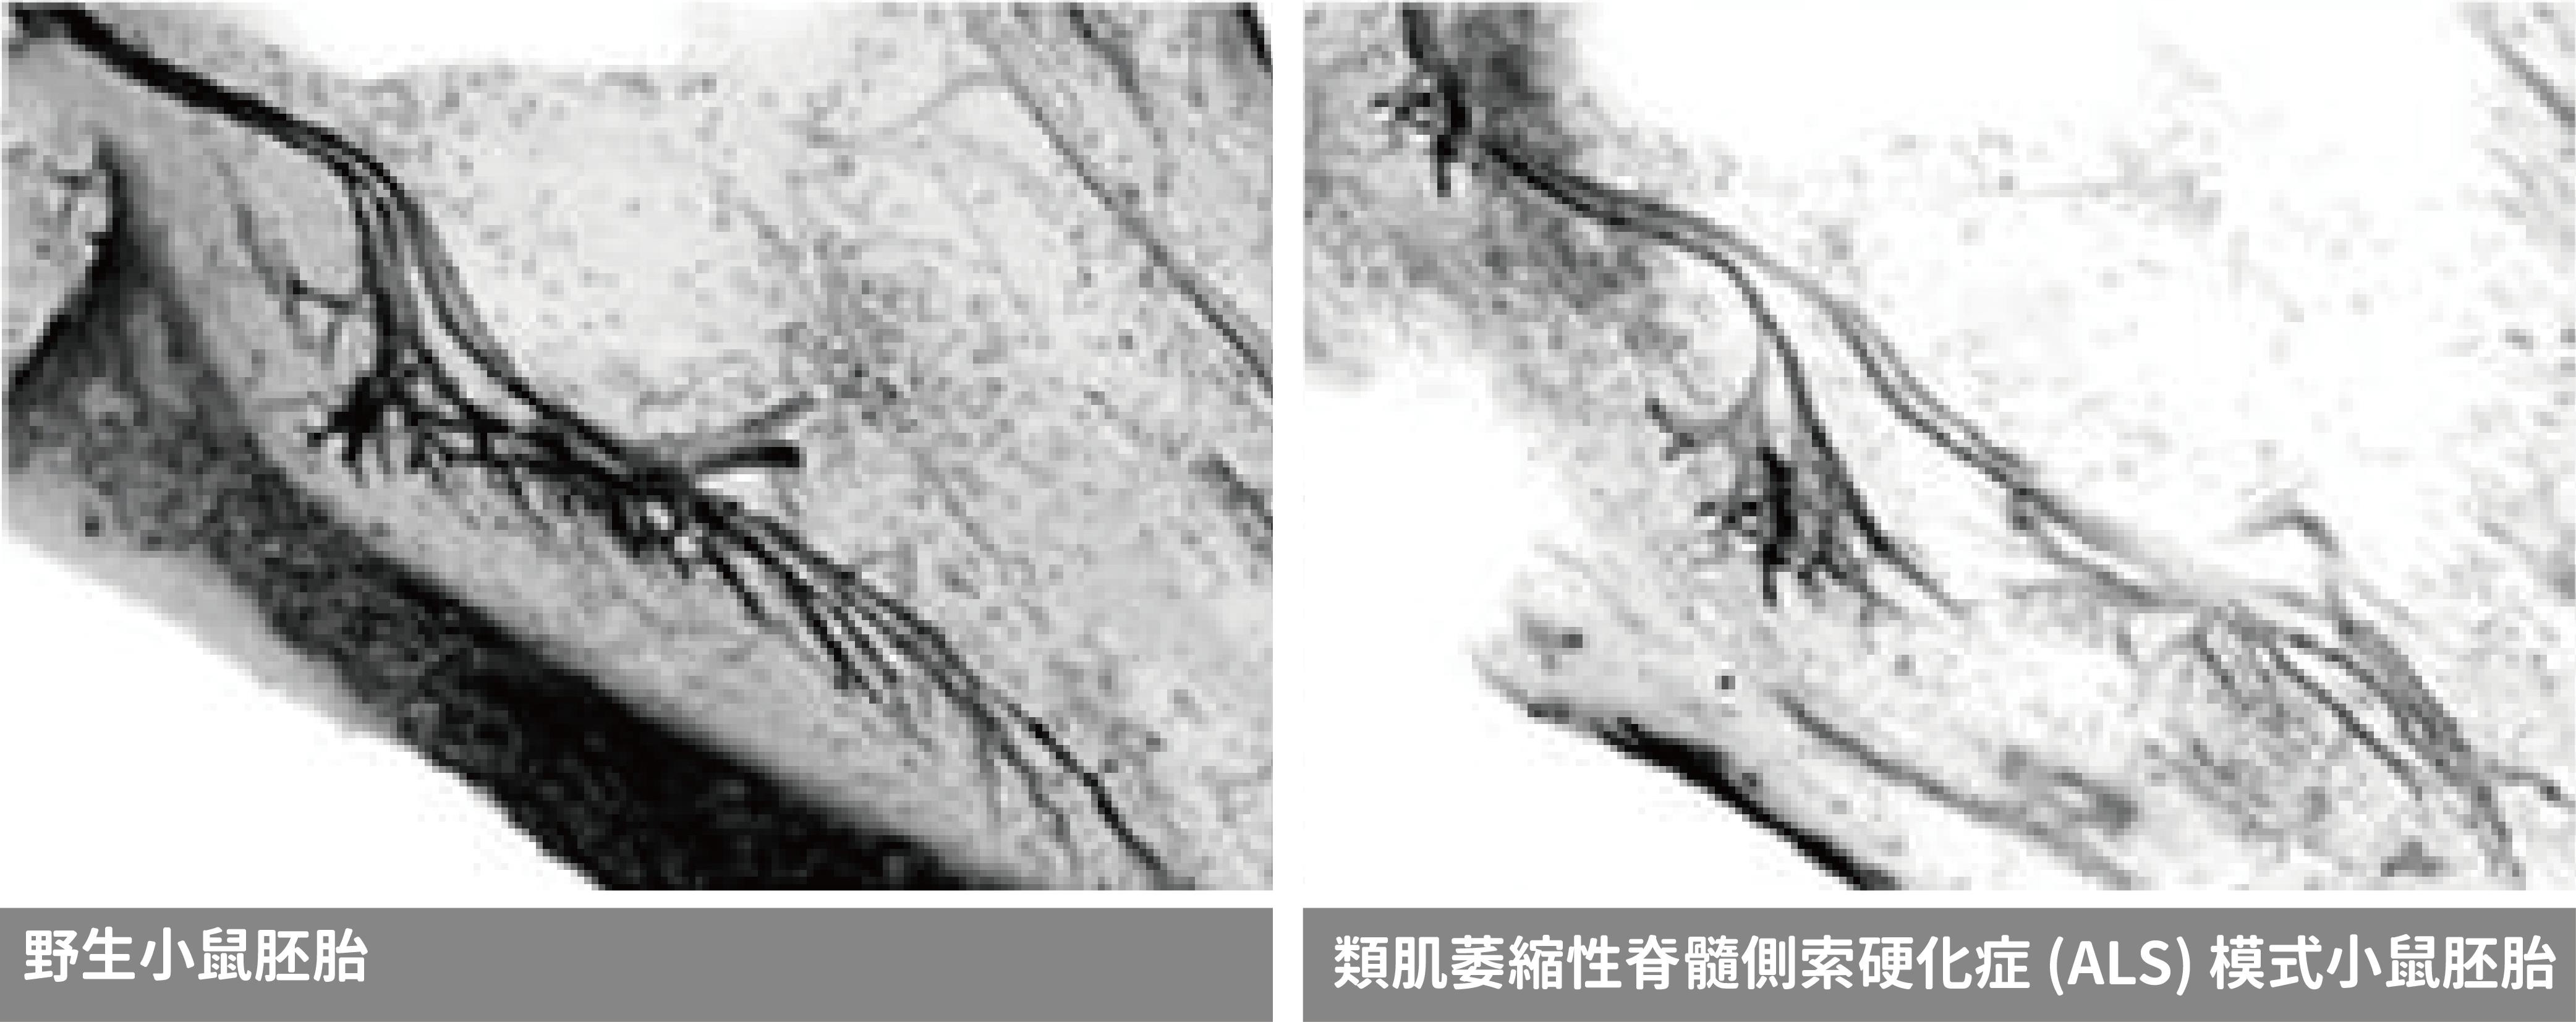 兩種小鼠胚胎的運動神經元比較 (中間長長、尾端伸出許多樹突的那一條)。 圖片來源│Crucial Cluster: MicroRNAs Keep Motor Neurons Alive